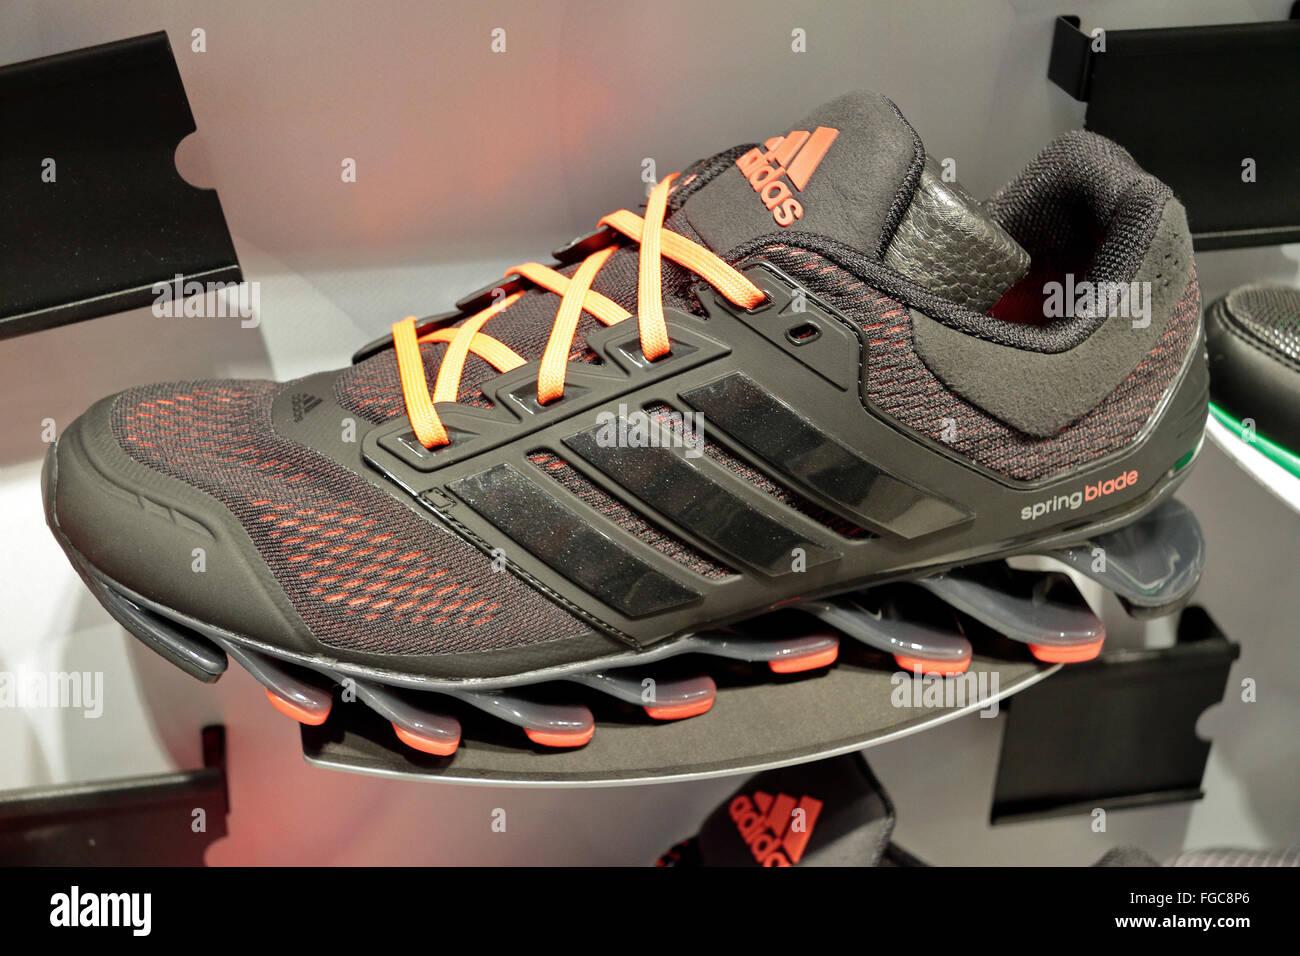 Une chaussure de course Adidas Springblade sur une étagère